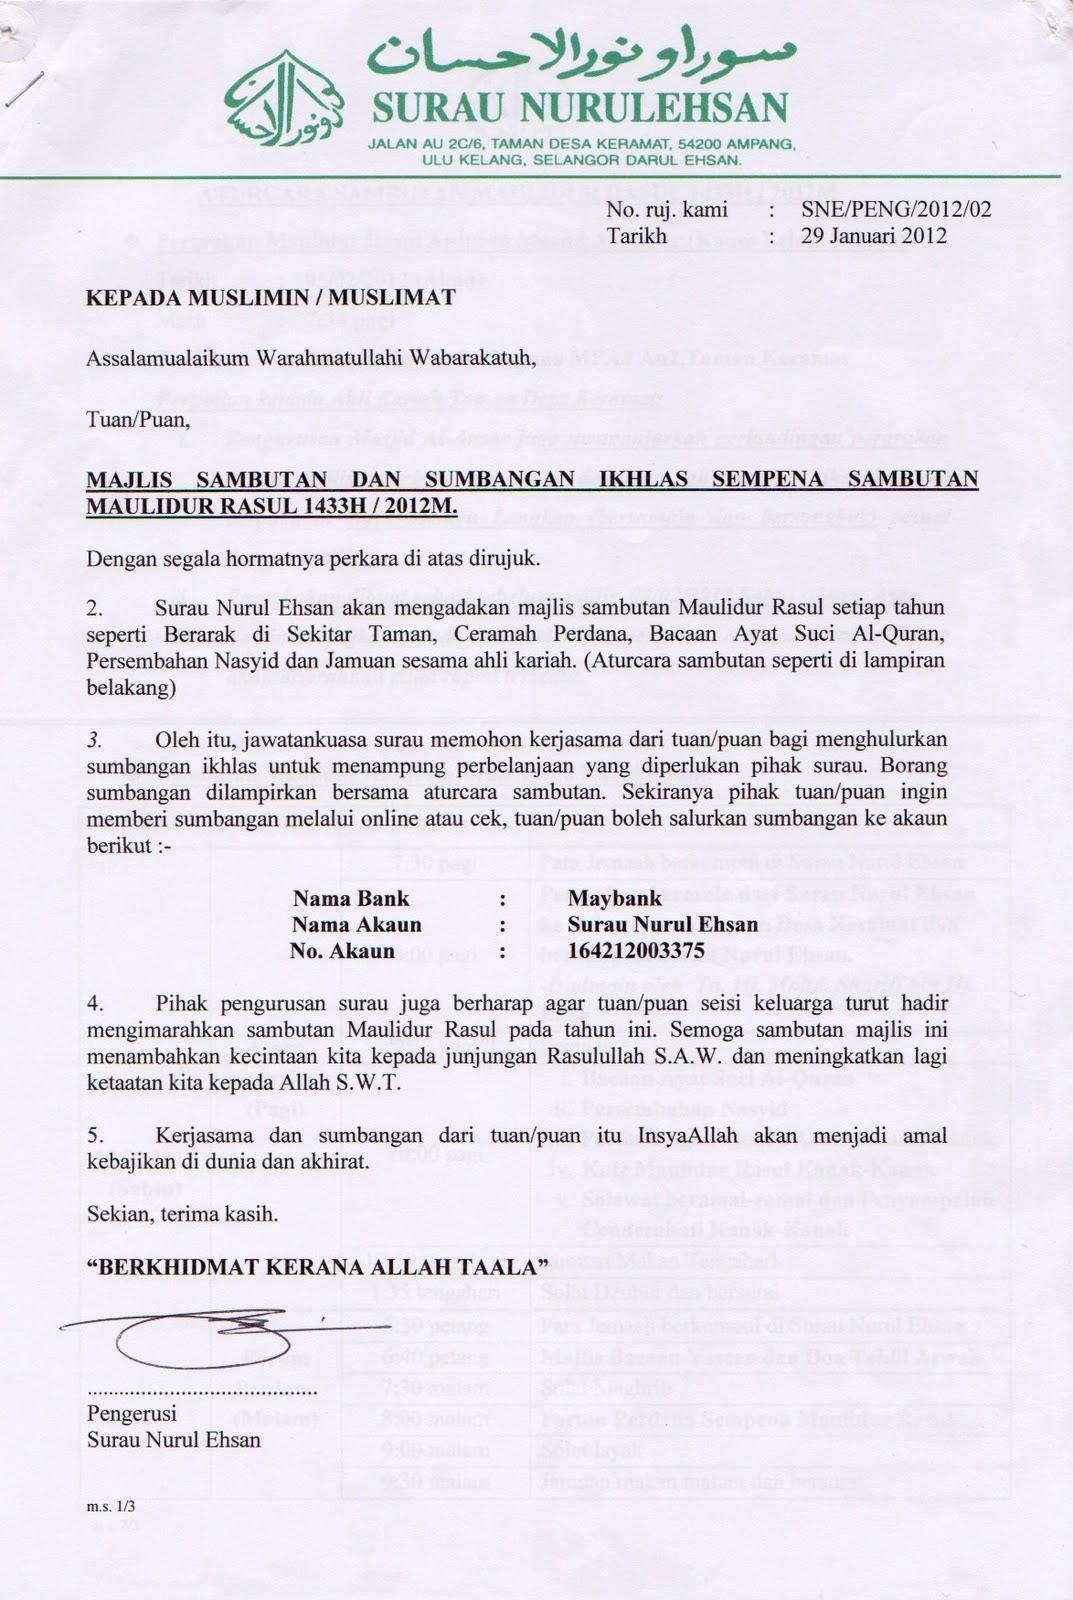 contoh surat jemputan perasmian majlis http://kelabeliatdk.blogspot ...